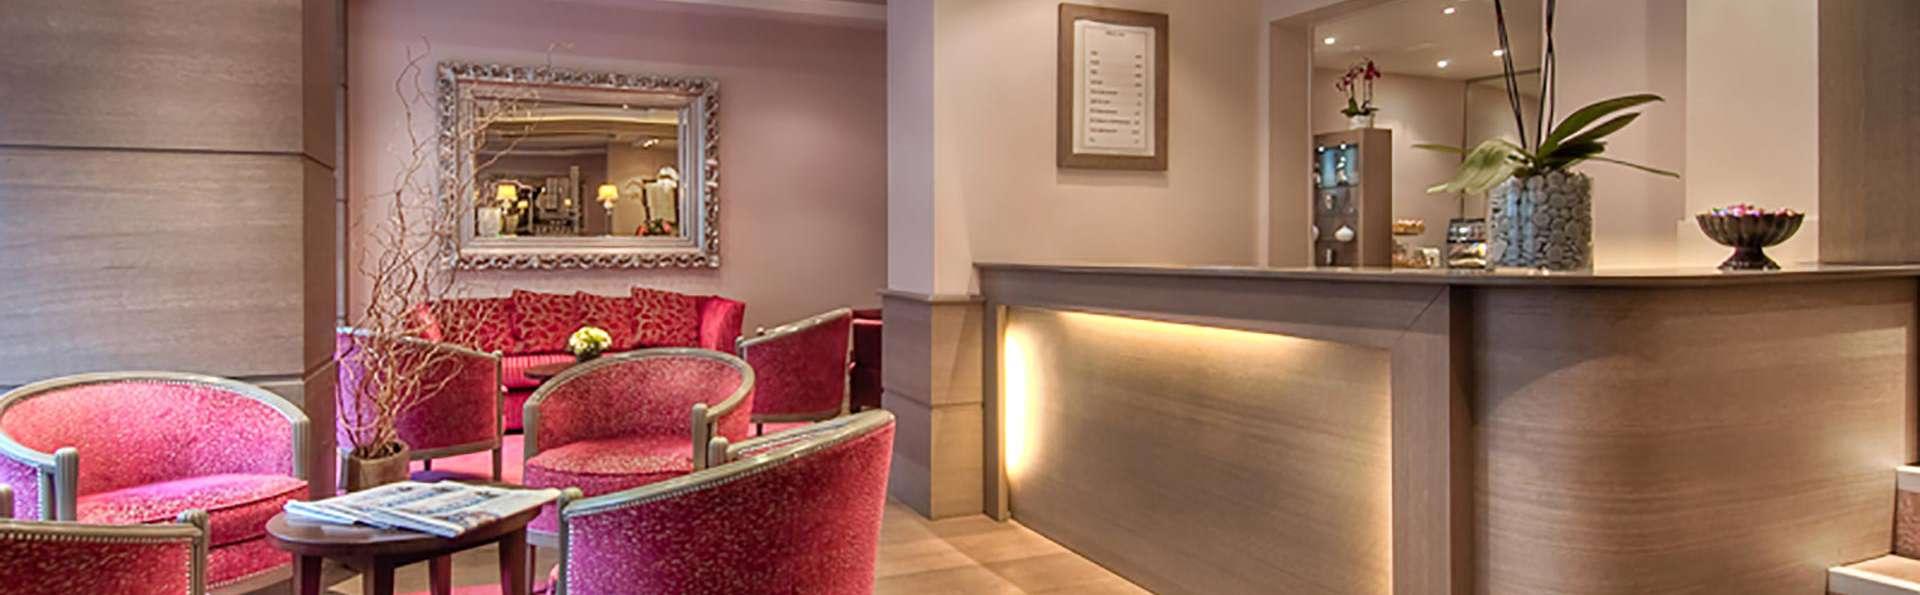 Hôtel Massena - Paris - Edit_Reception.jpg